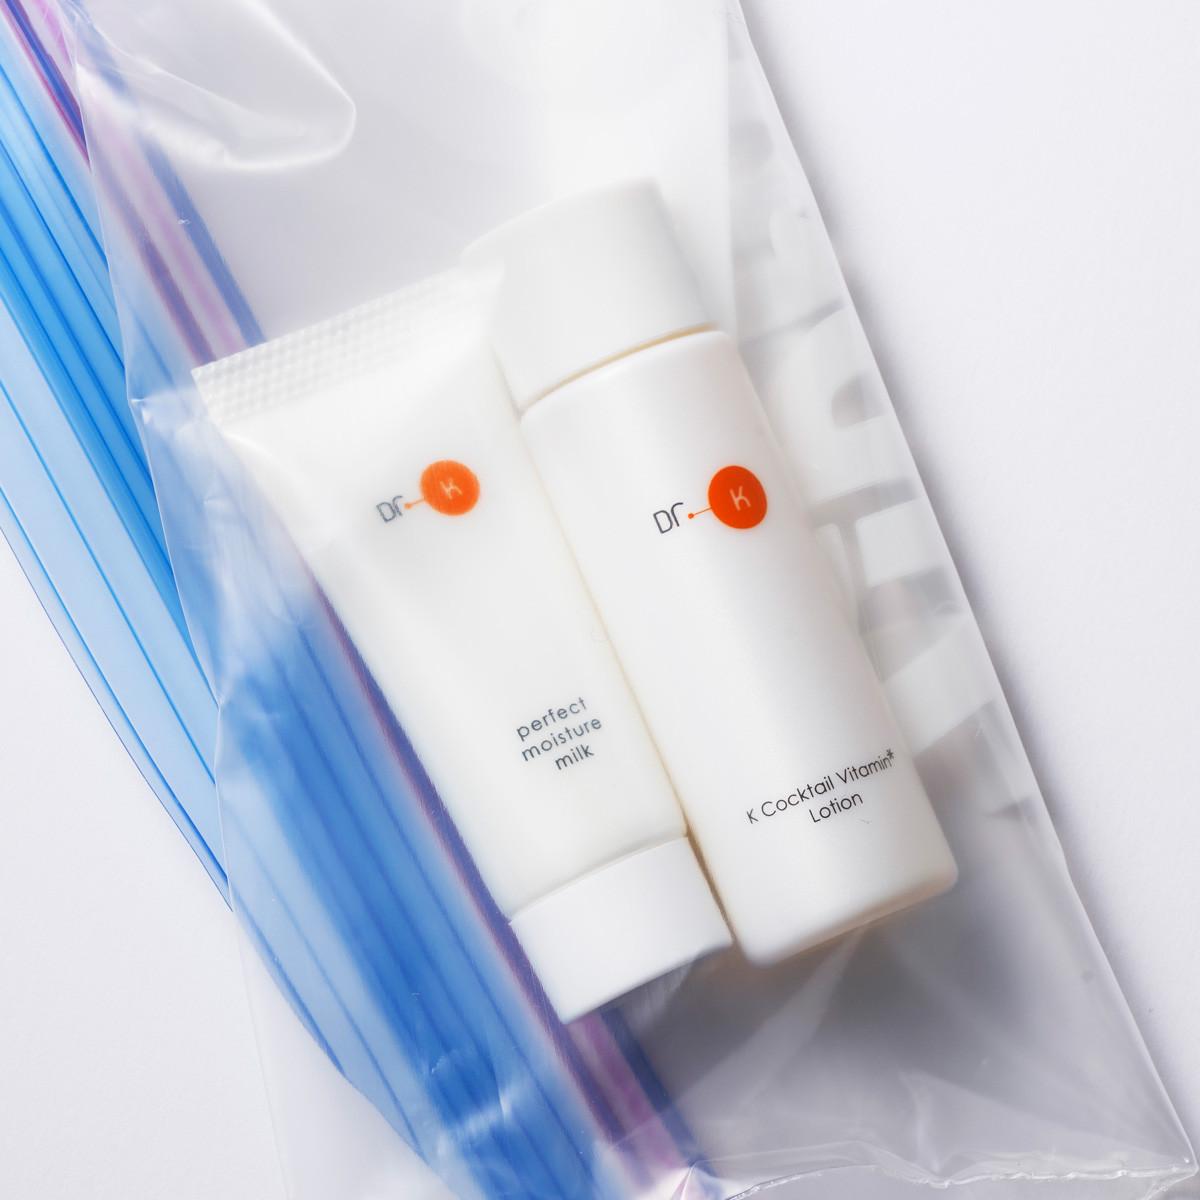 旅行中も乾燥知らず! 皮膚科医開発の安心スキンケアをいつもそばに【ちいサンプル】_1_3